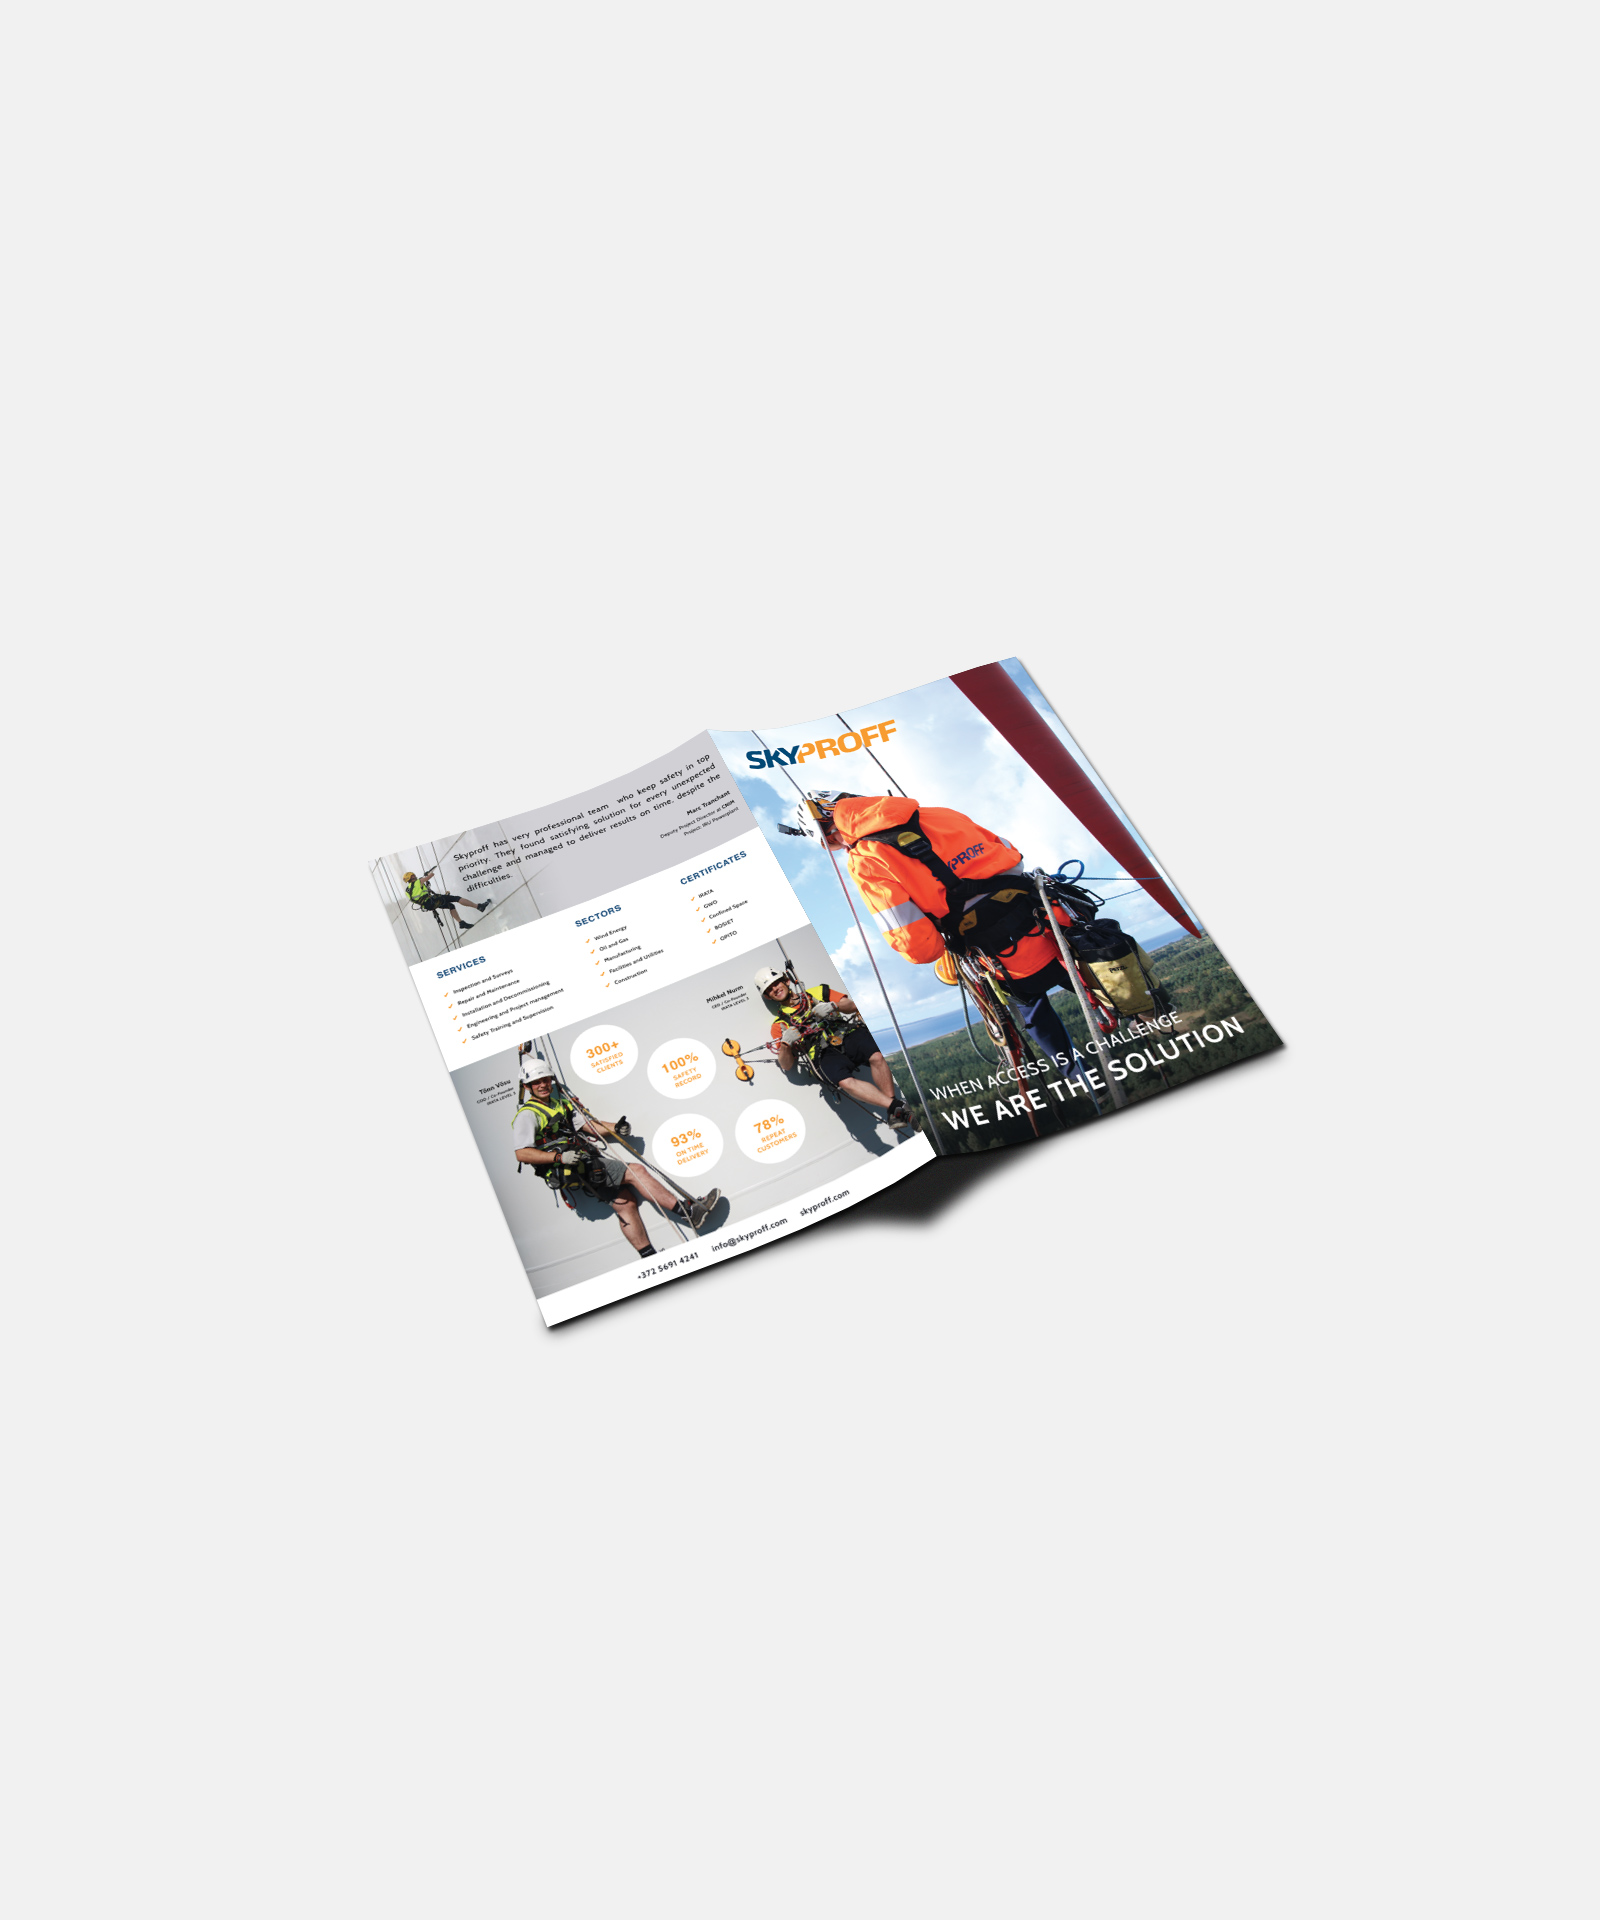 Brošüüri kujundamine, identiteedi kujundamine, graafiline disain, kujundamine